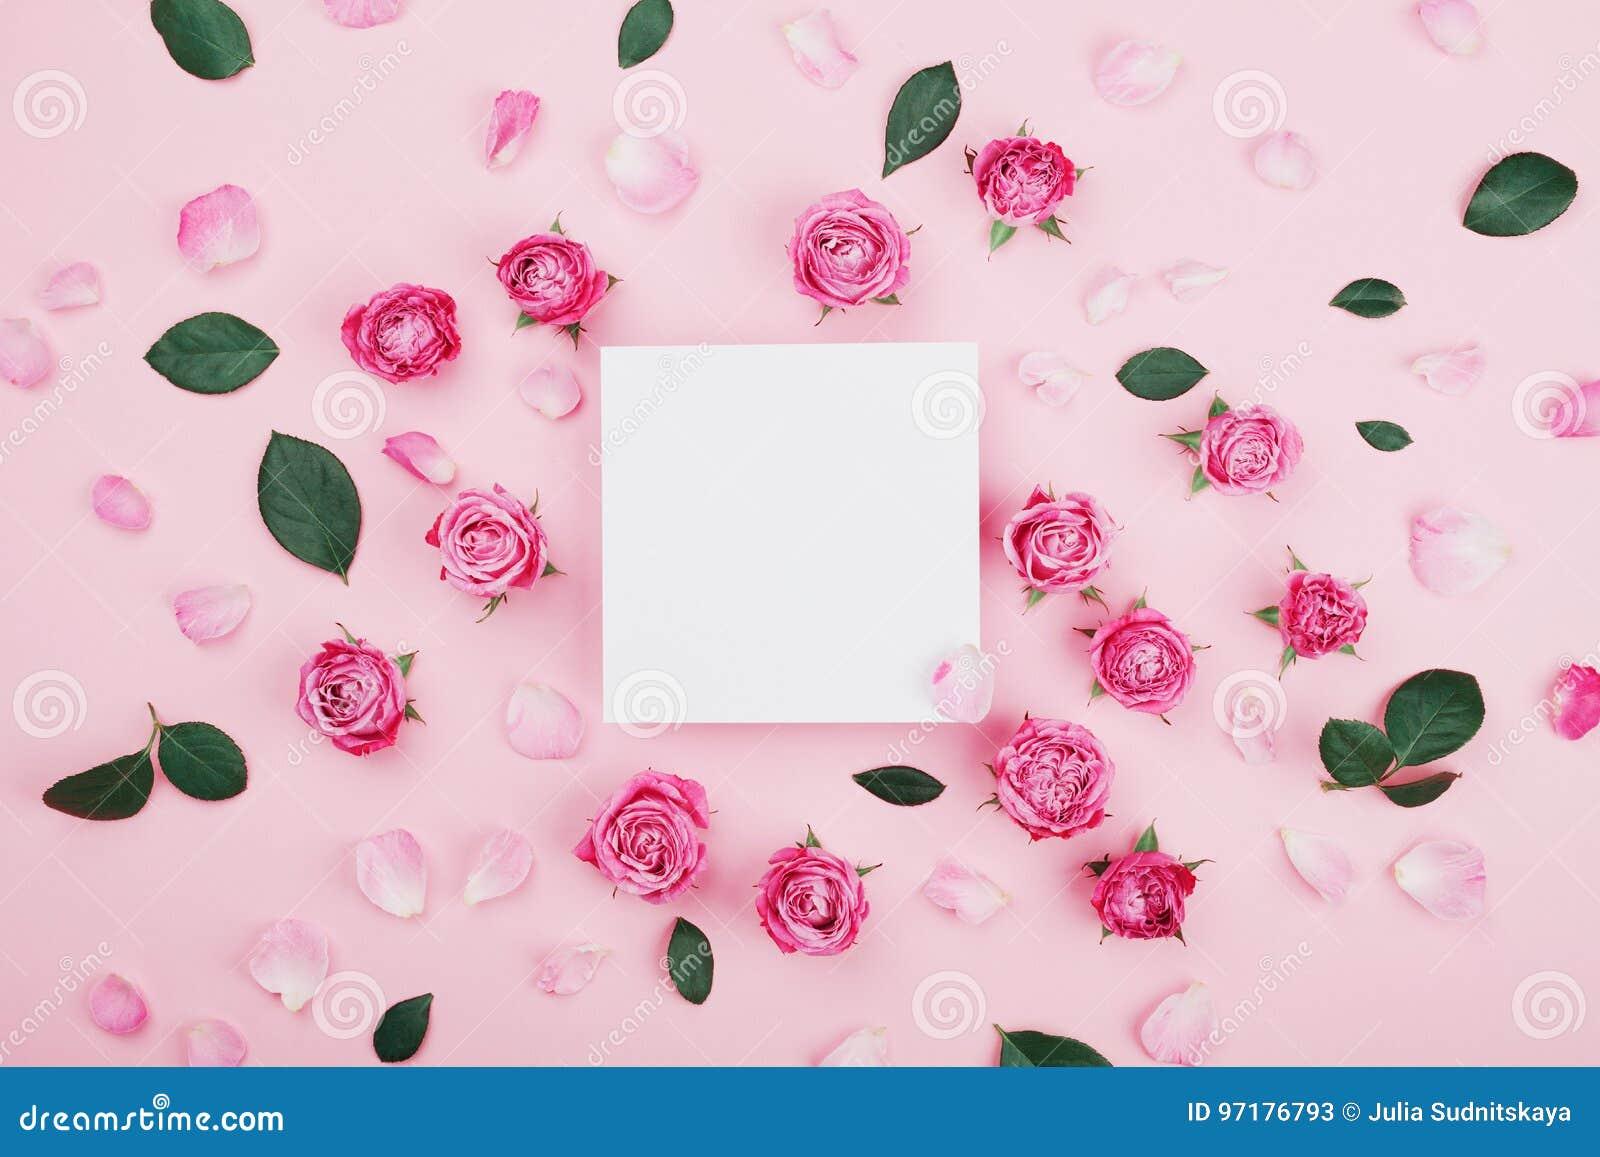 Blanc de cadre, fleurs de rose de rose et pétales blancs pour la station thermale ou la maquette de mariage sur la vue supérieure